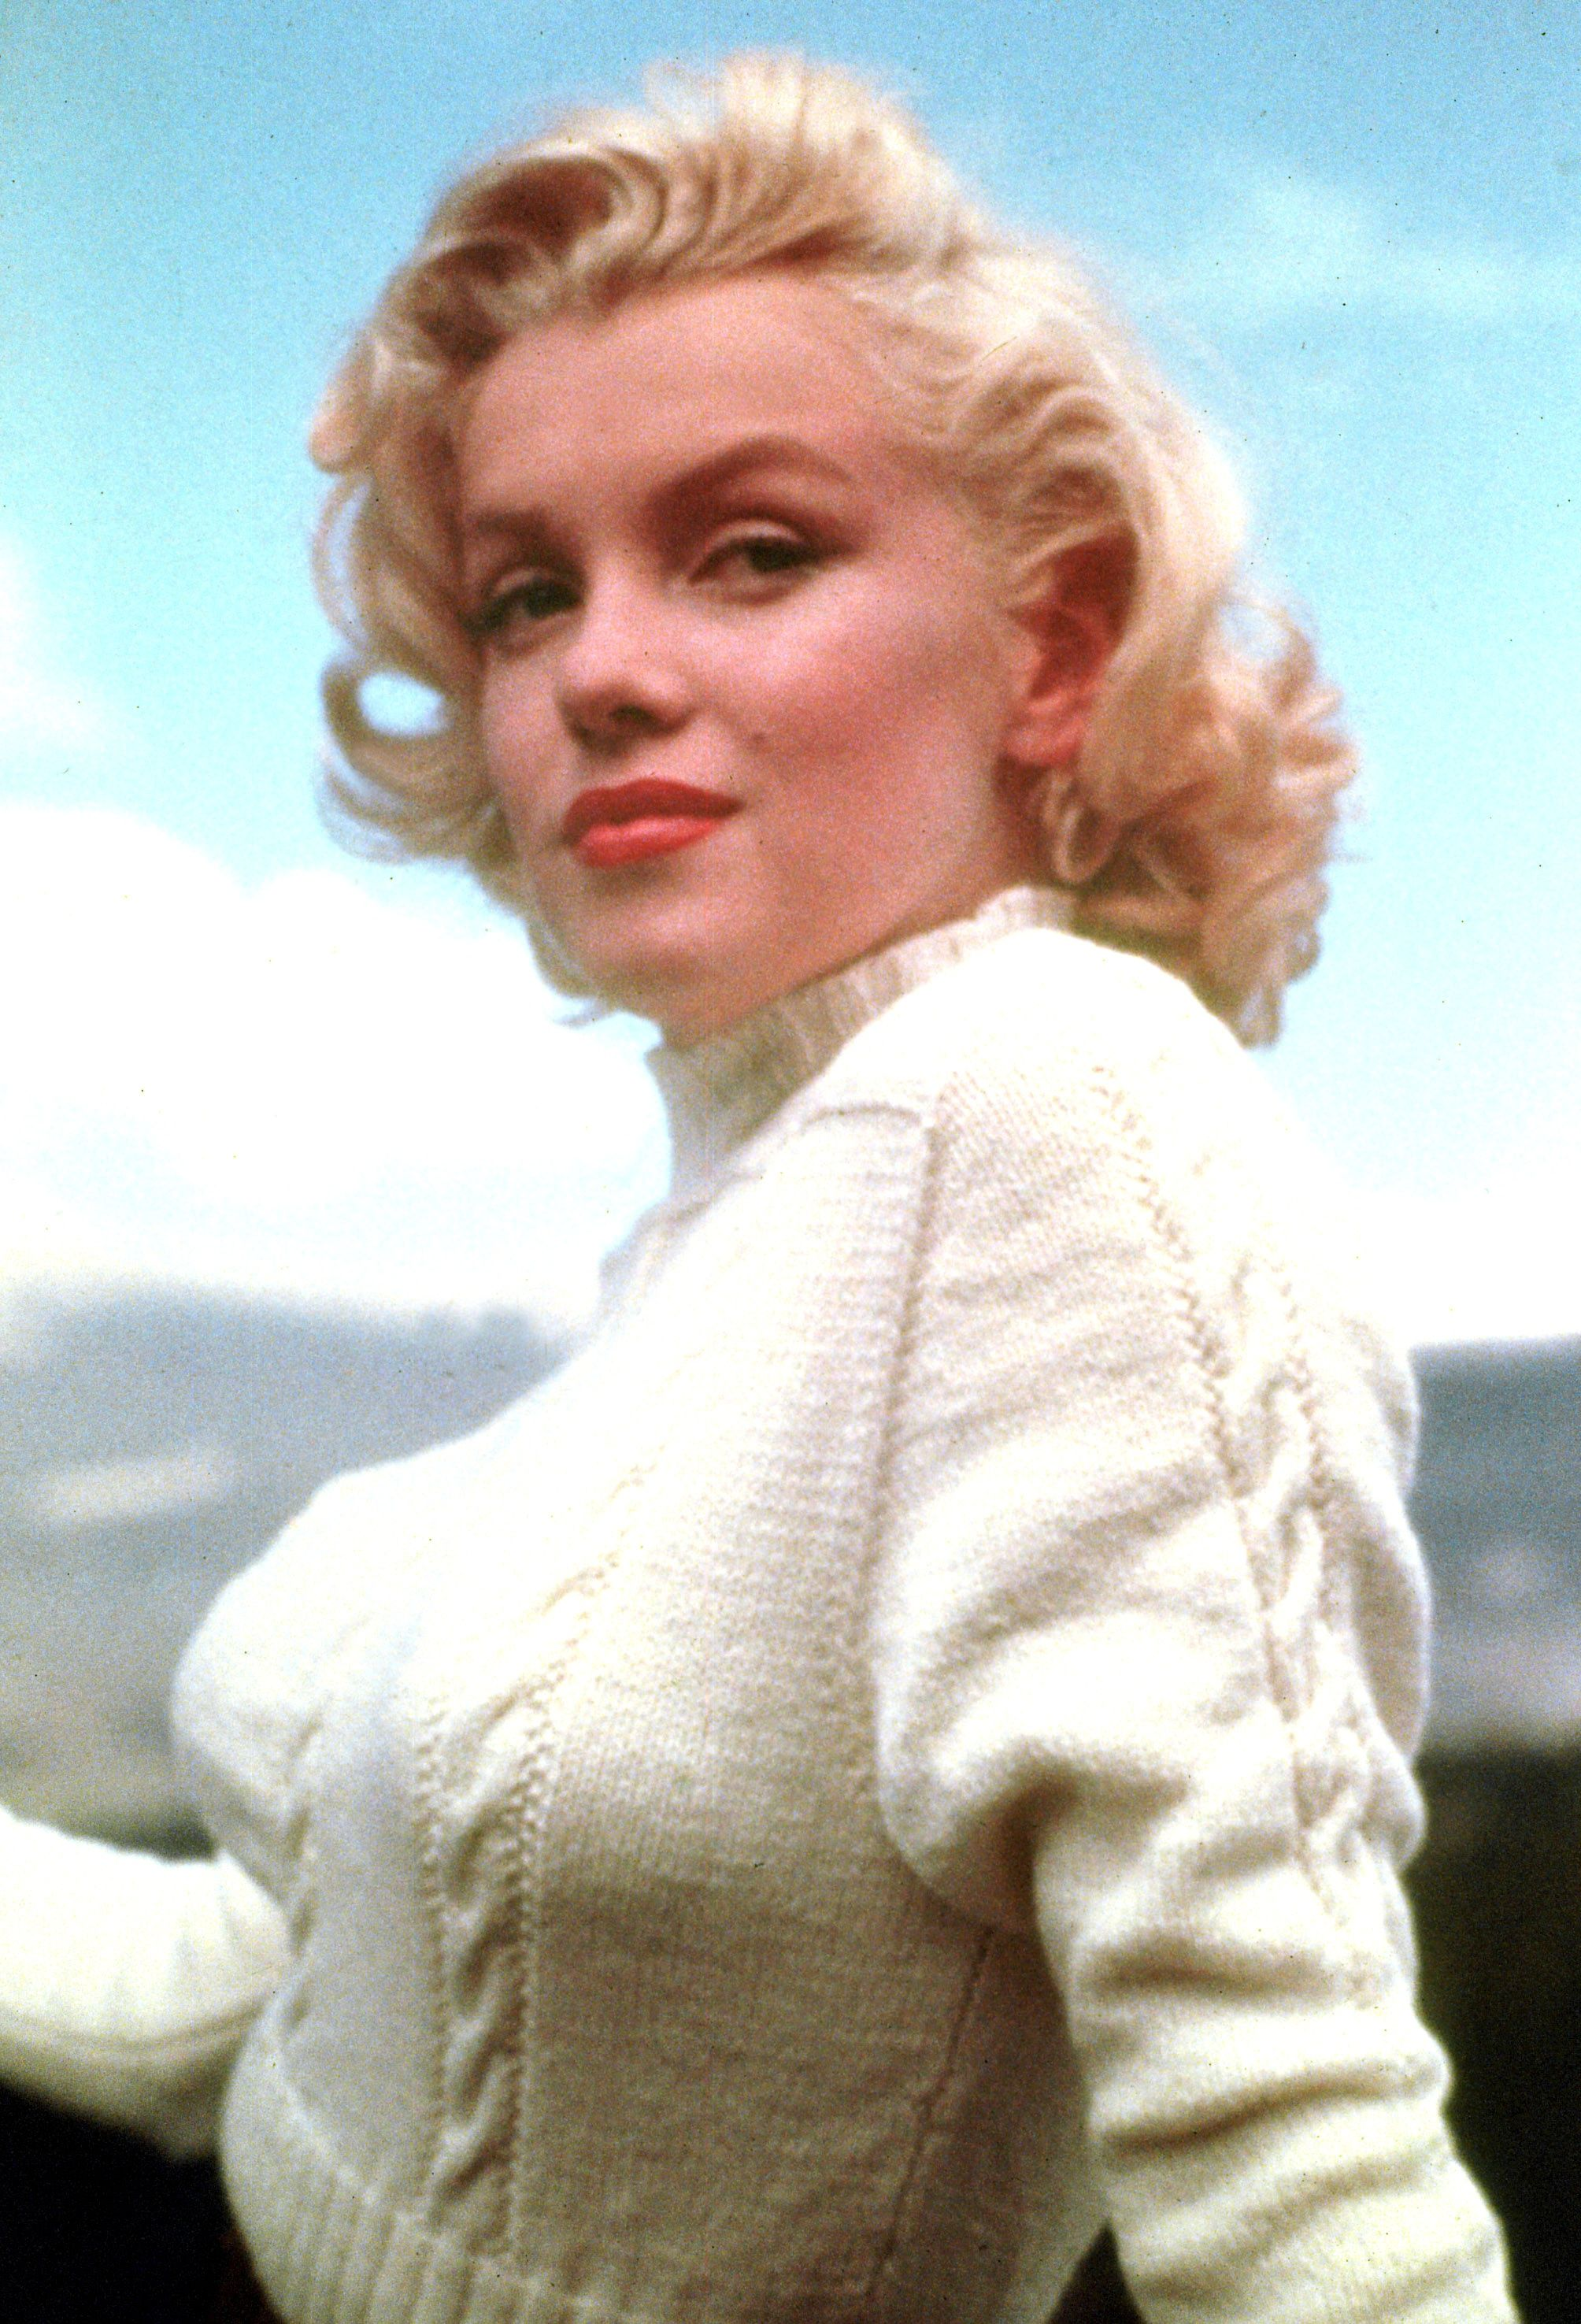 Veja o que saiu no Migalhas sobre Marilyn Monroe